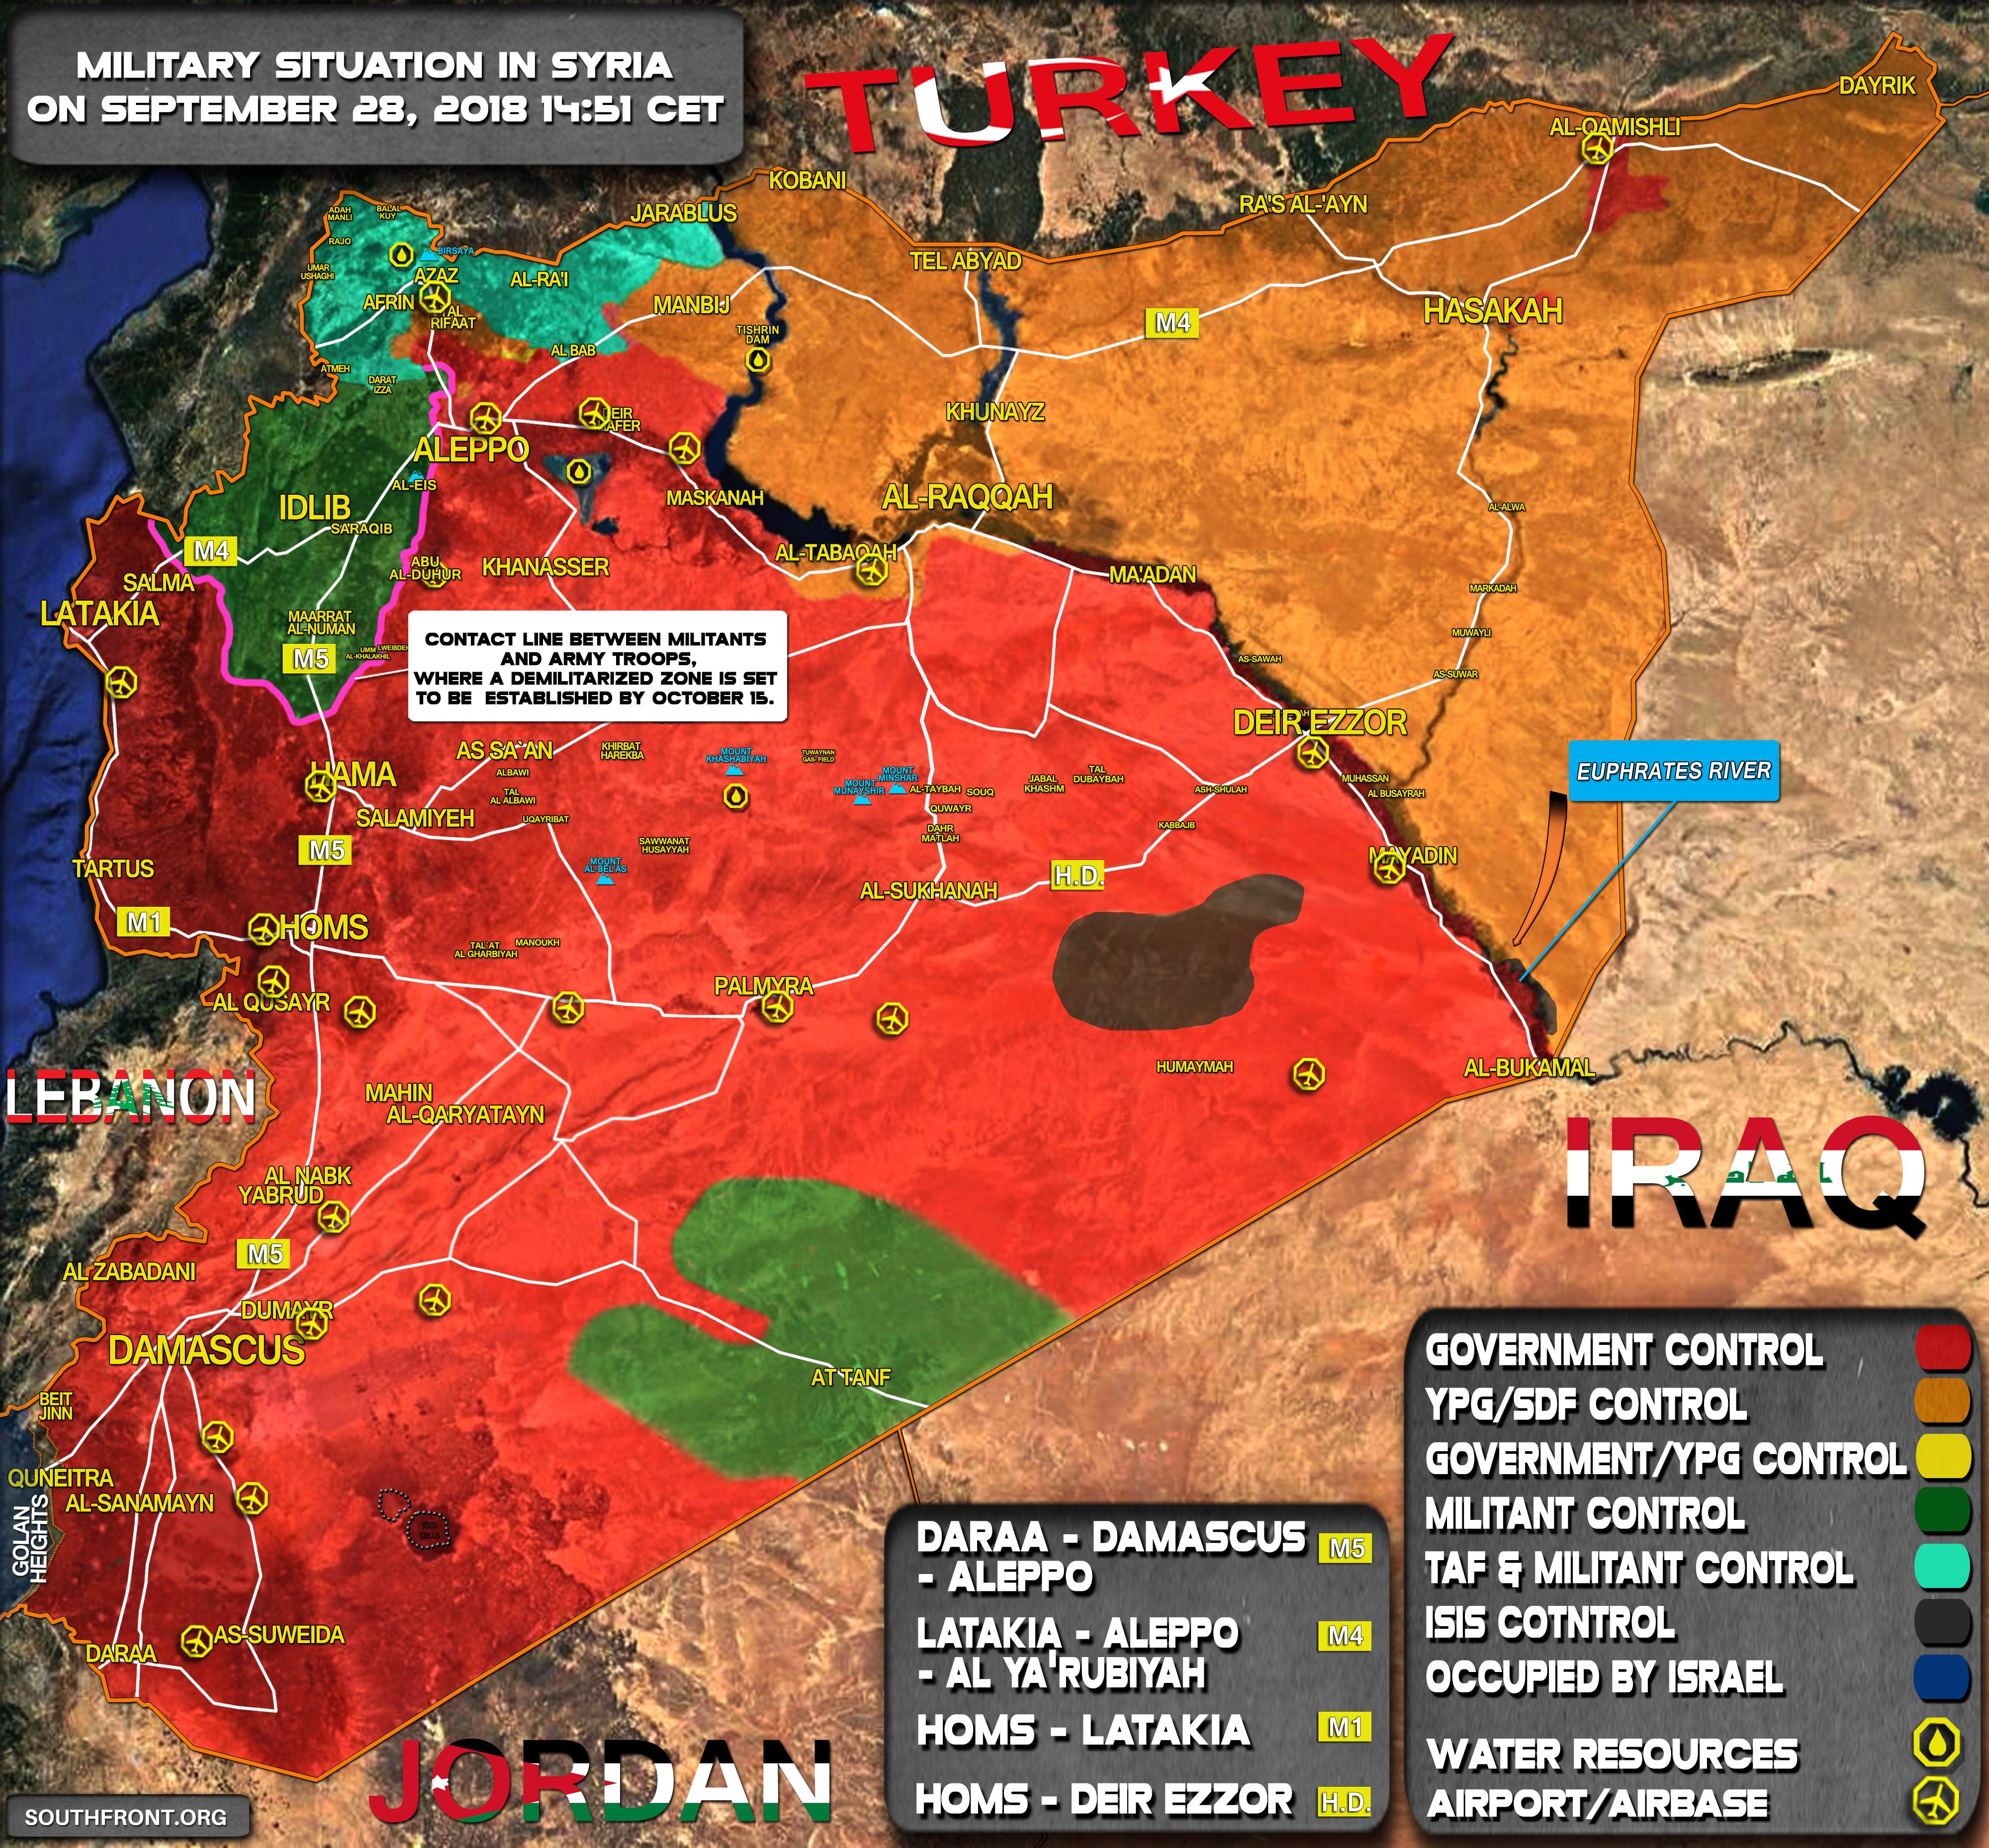 Aktuální vojenská situace v Sýrii